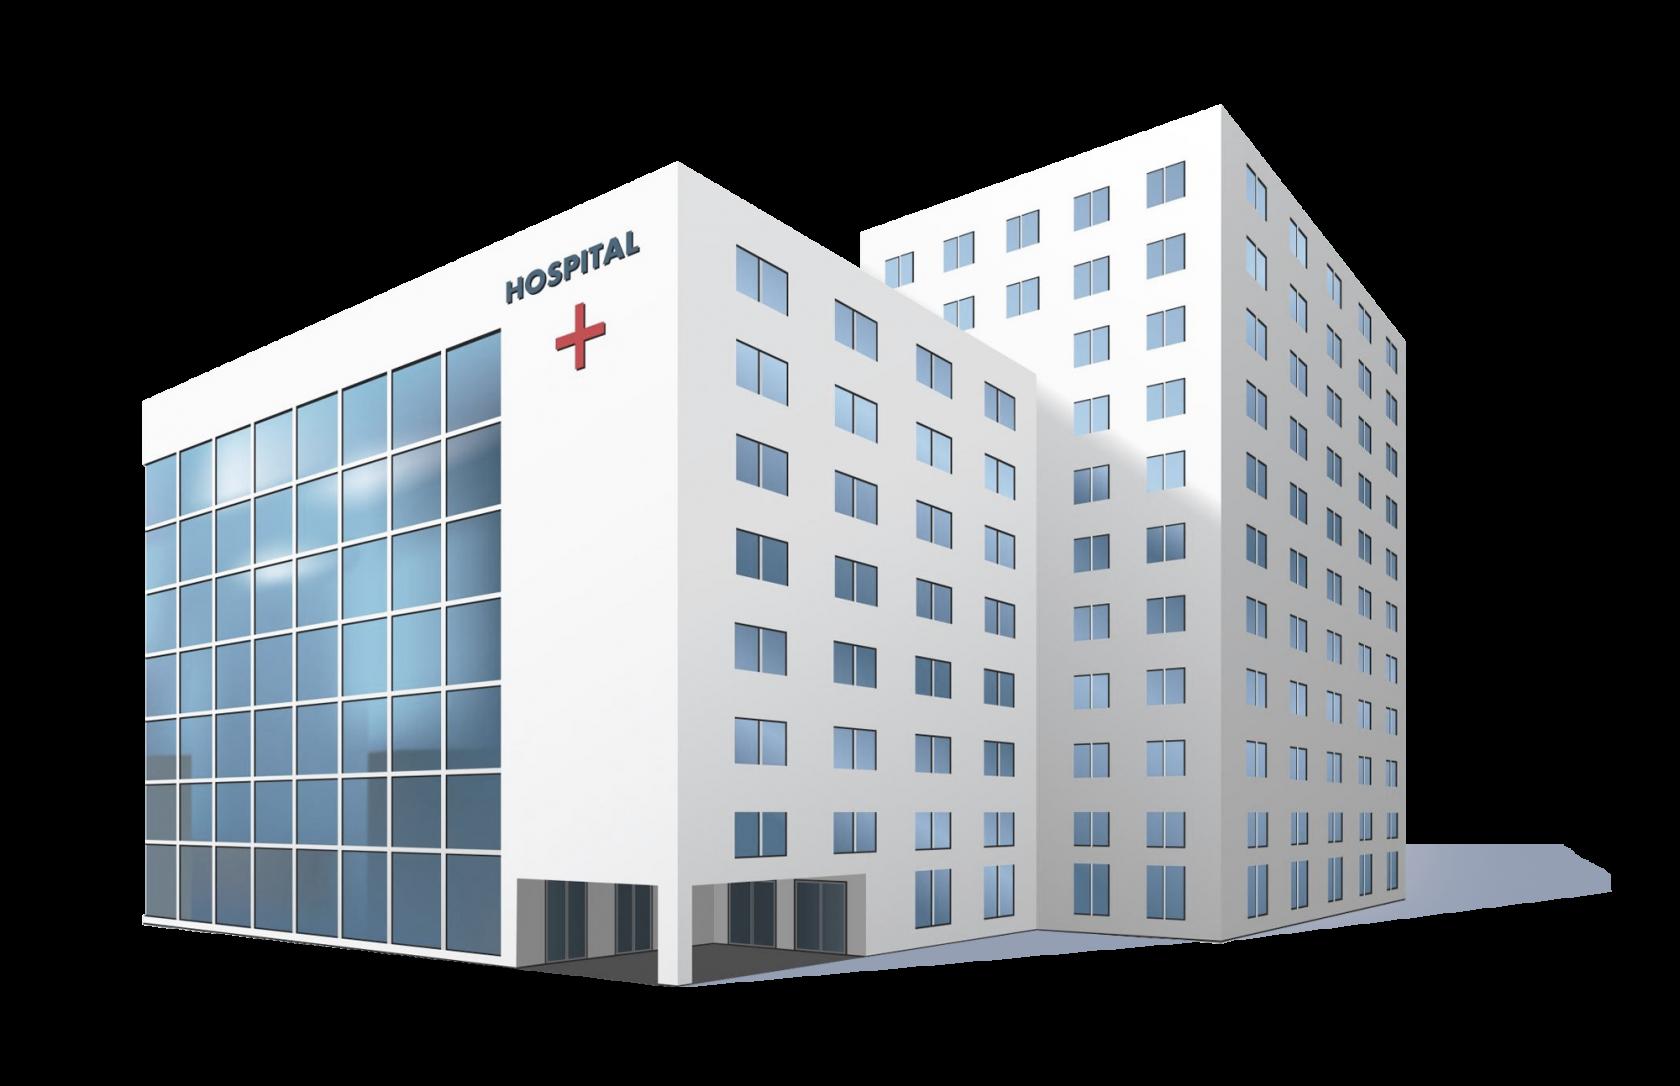 Картинки больница на прозрачном фоне